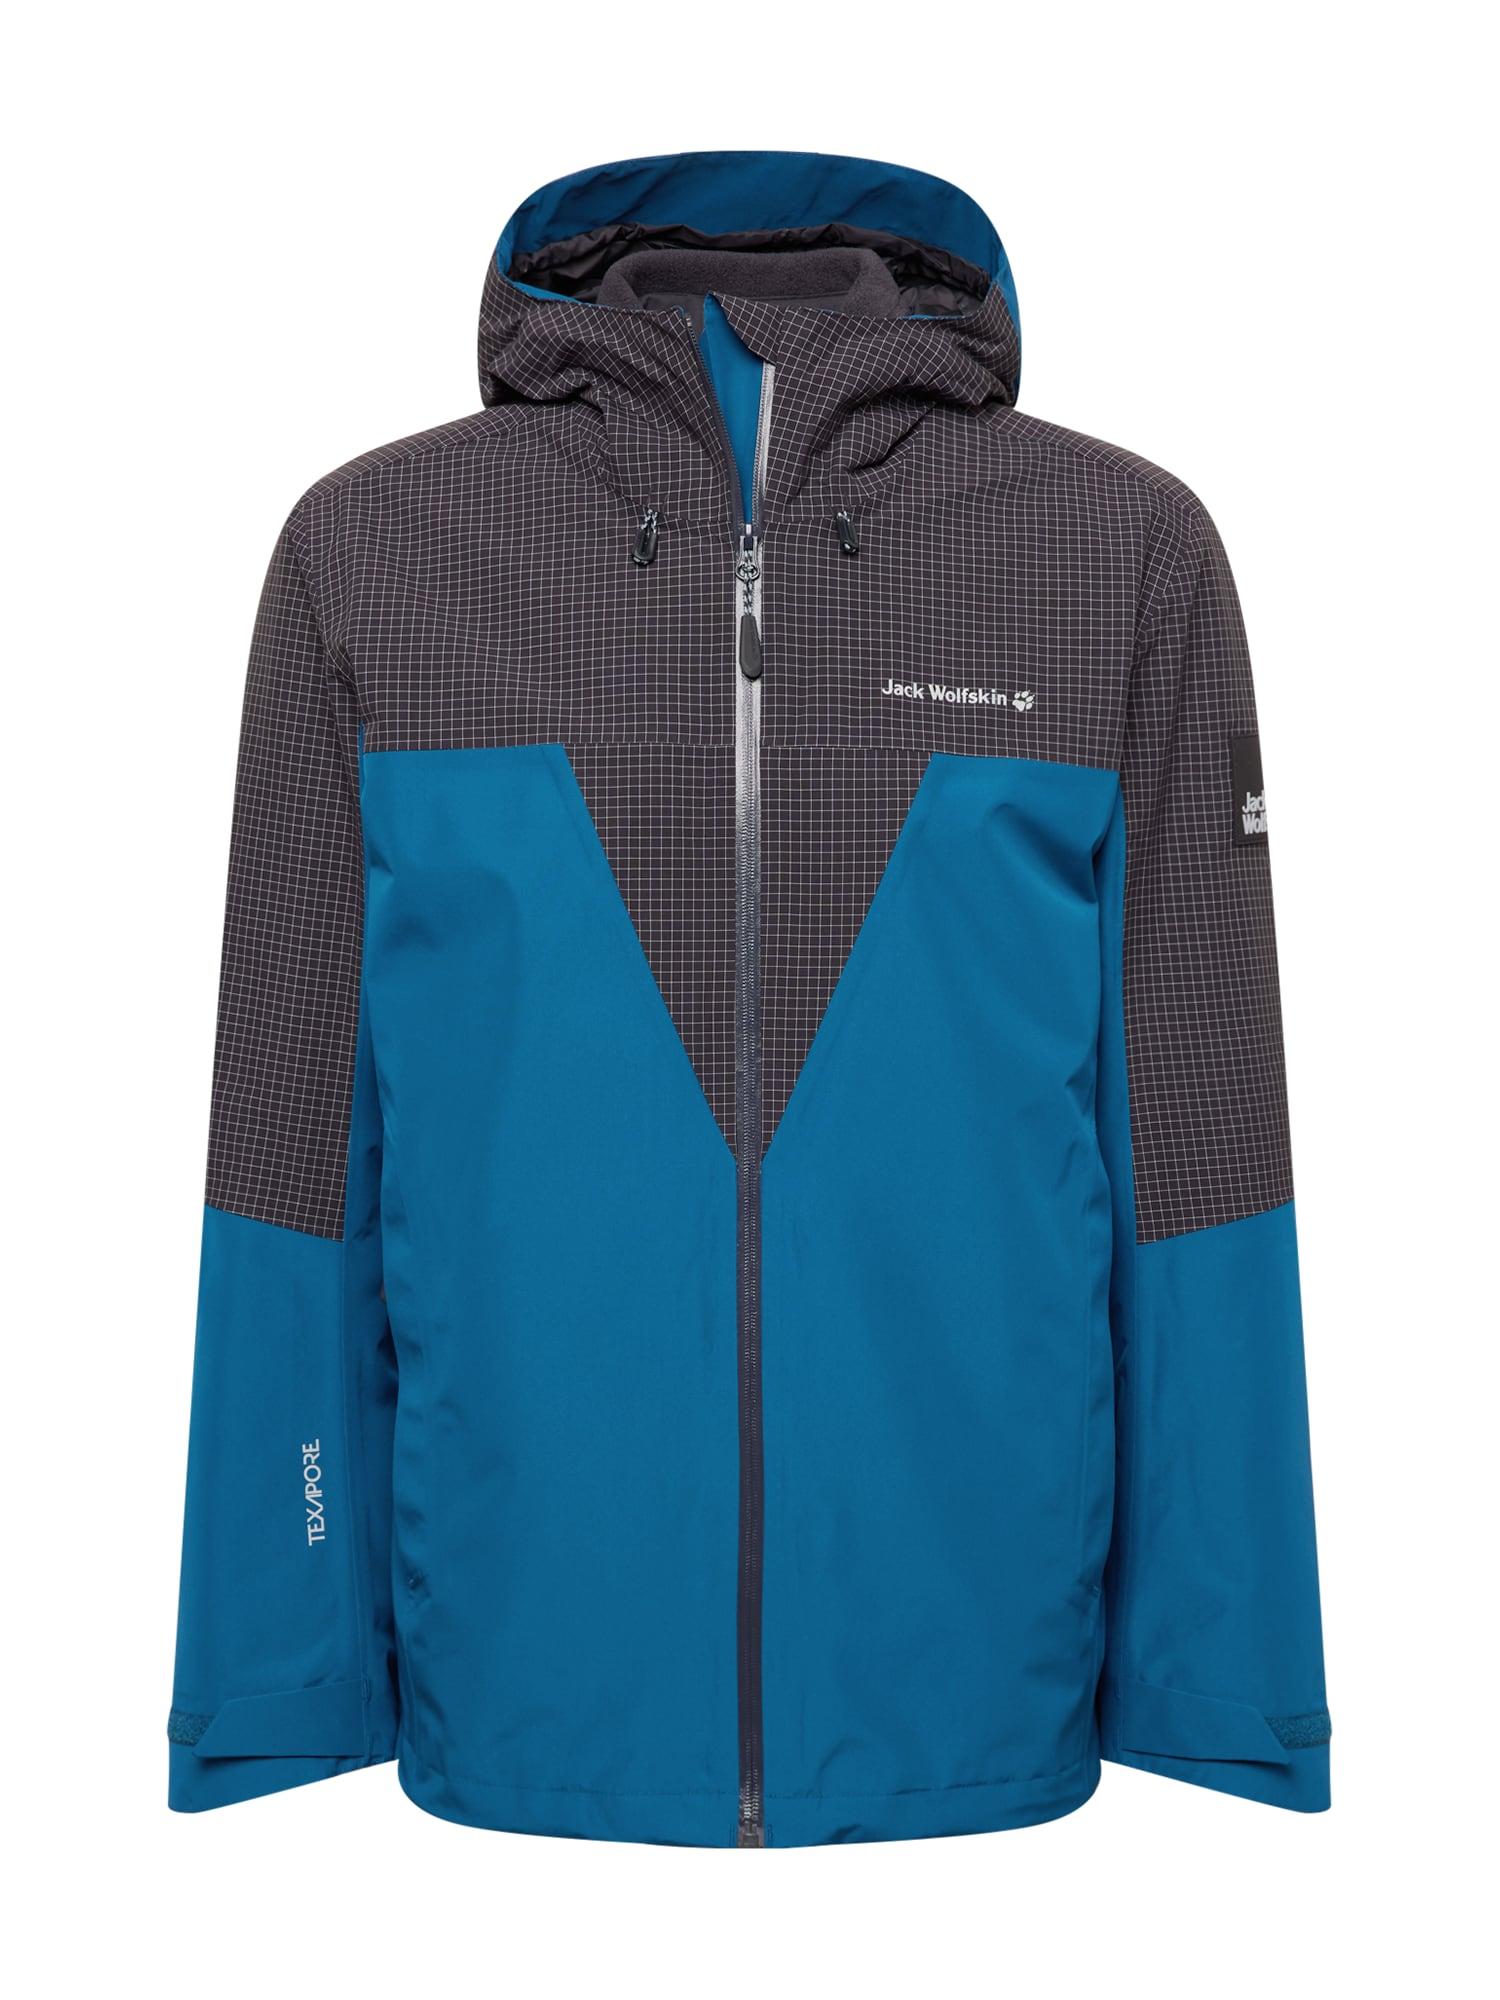 JACK WOLFSKIN Outdoorová bunda 'DNA RHAPSODY'  nebeská modř / černá / bílá